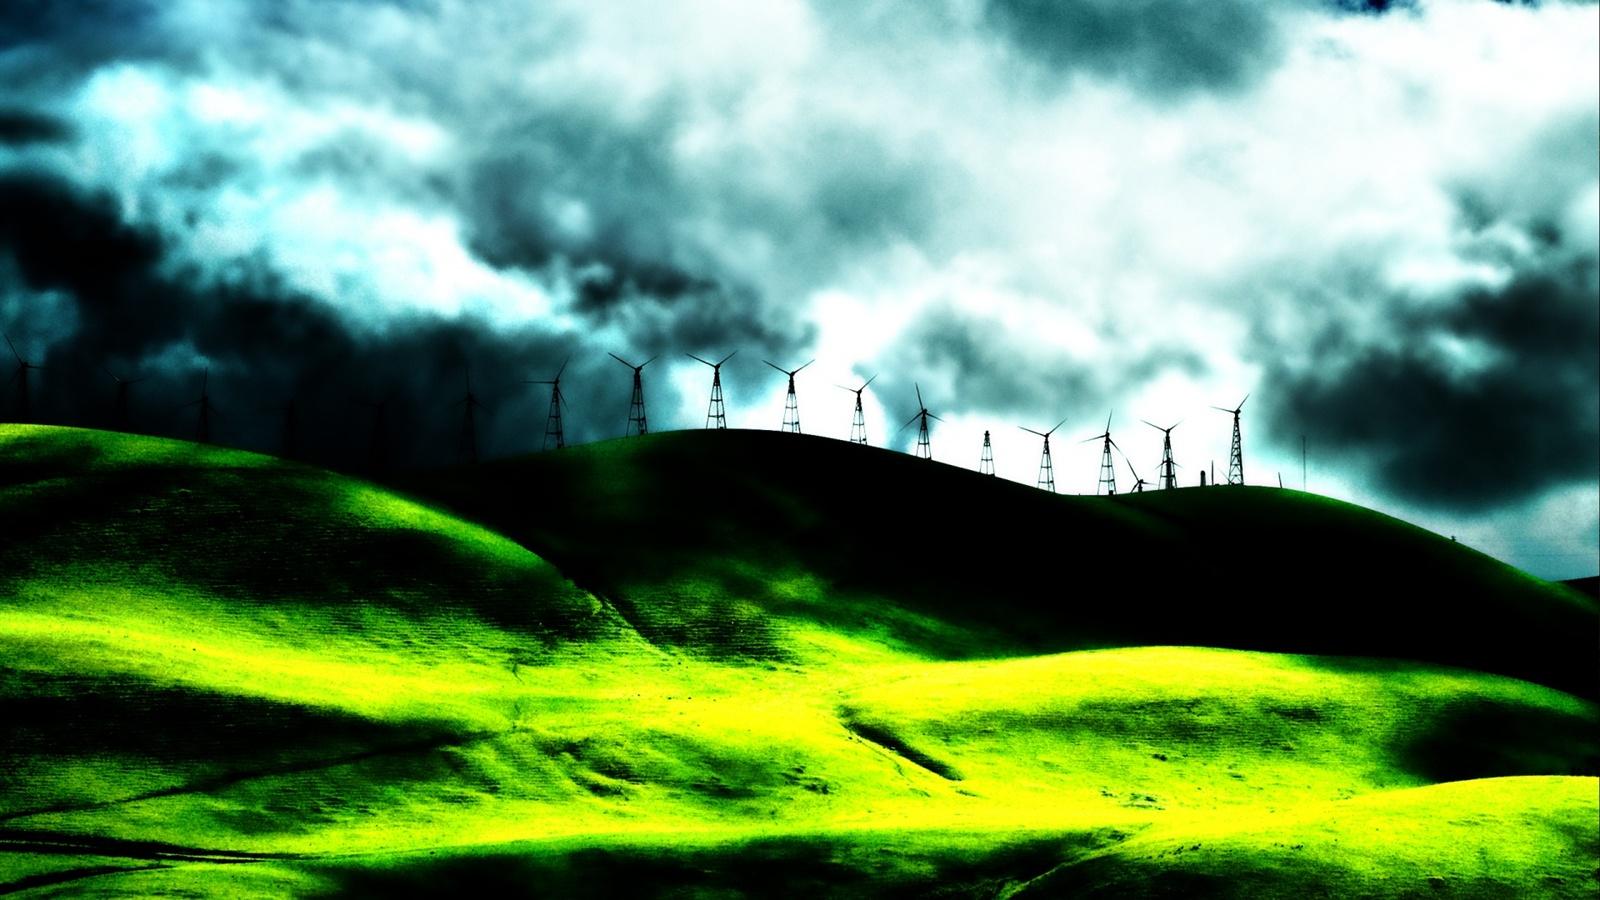 1600x900 hintergrundbilder download - photo #11